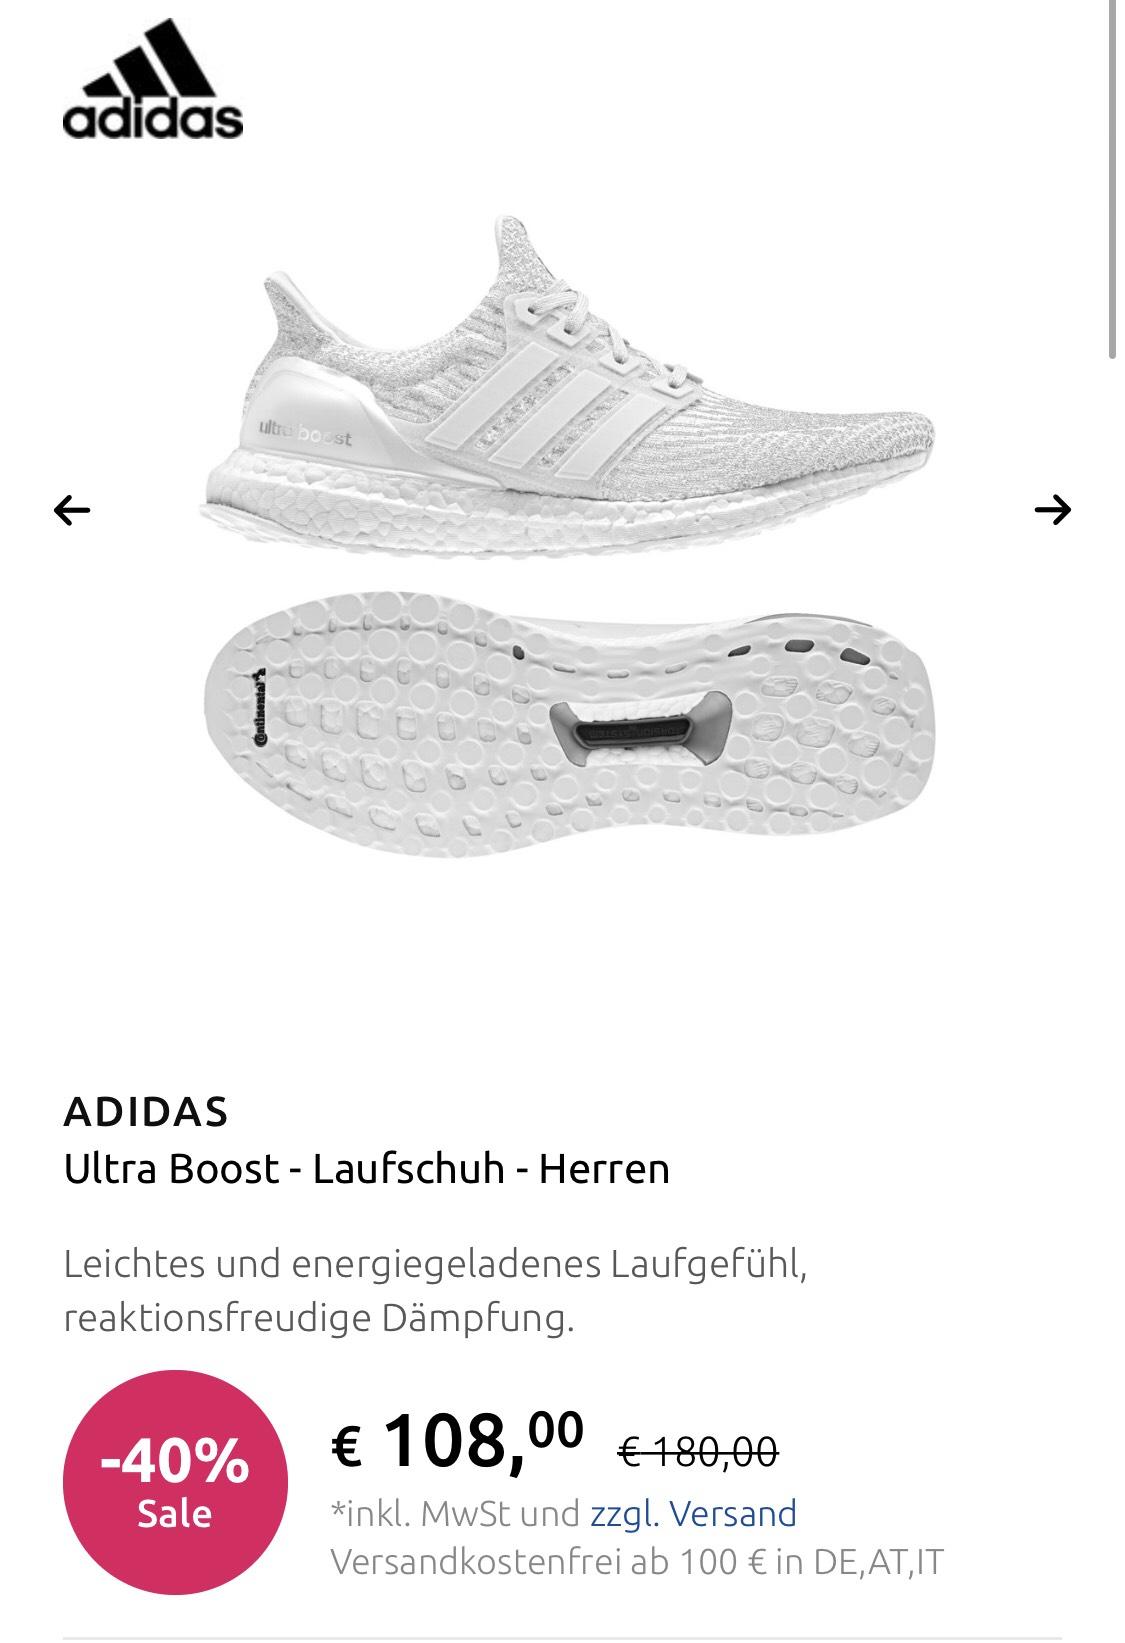 Adidas Ultra Boost 3.0 komplett weiss Gr. 40 2/3-46 2/3